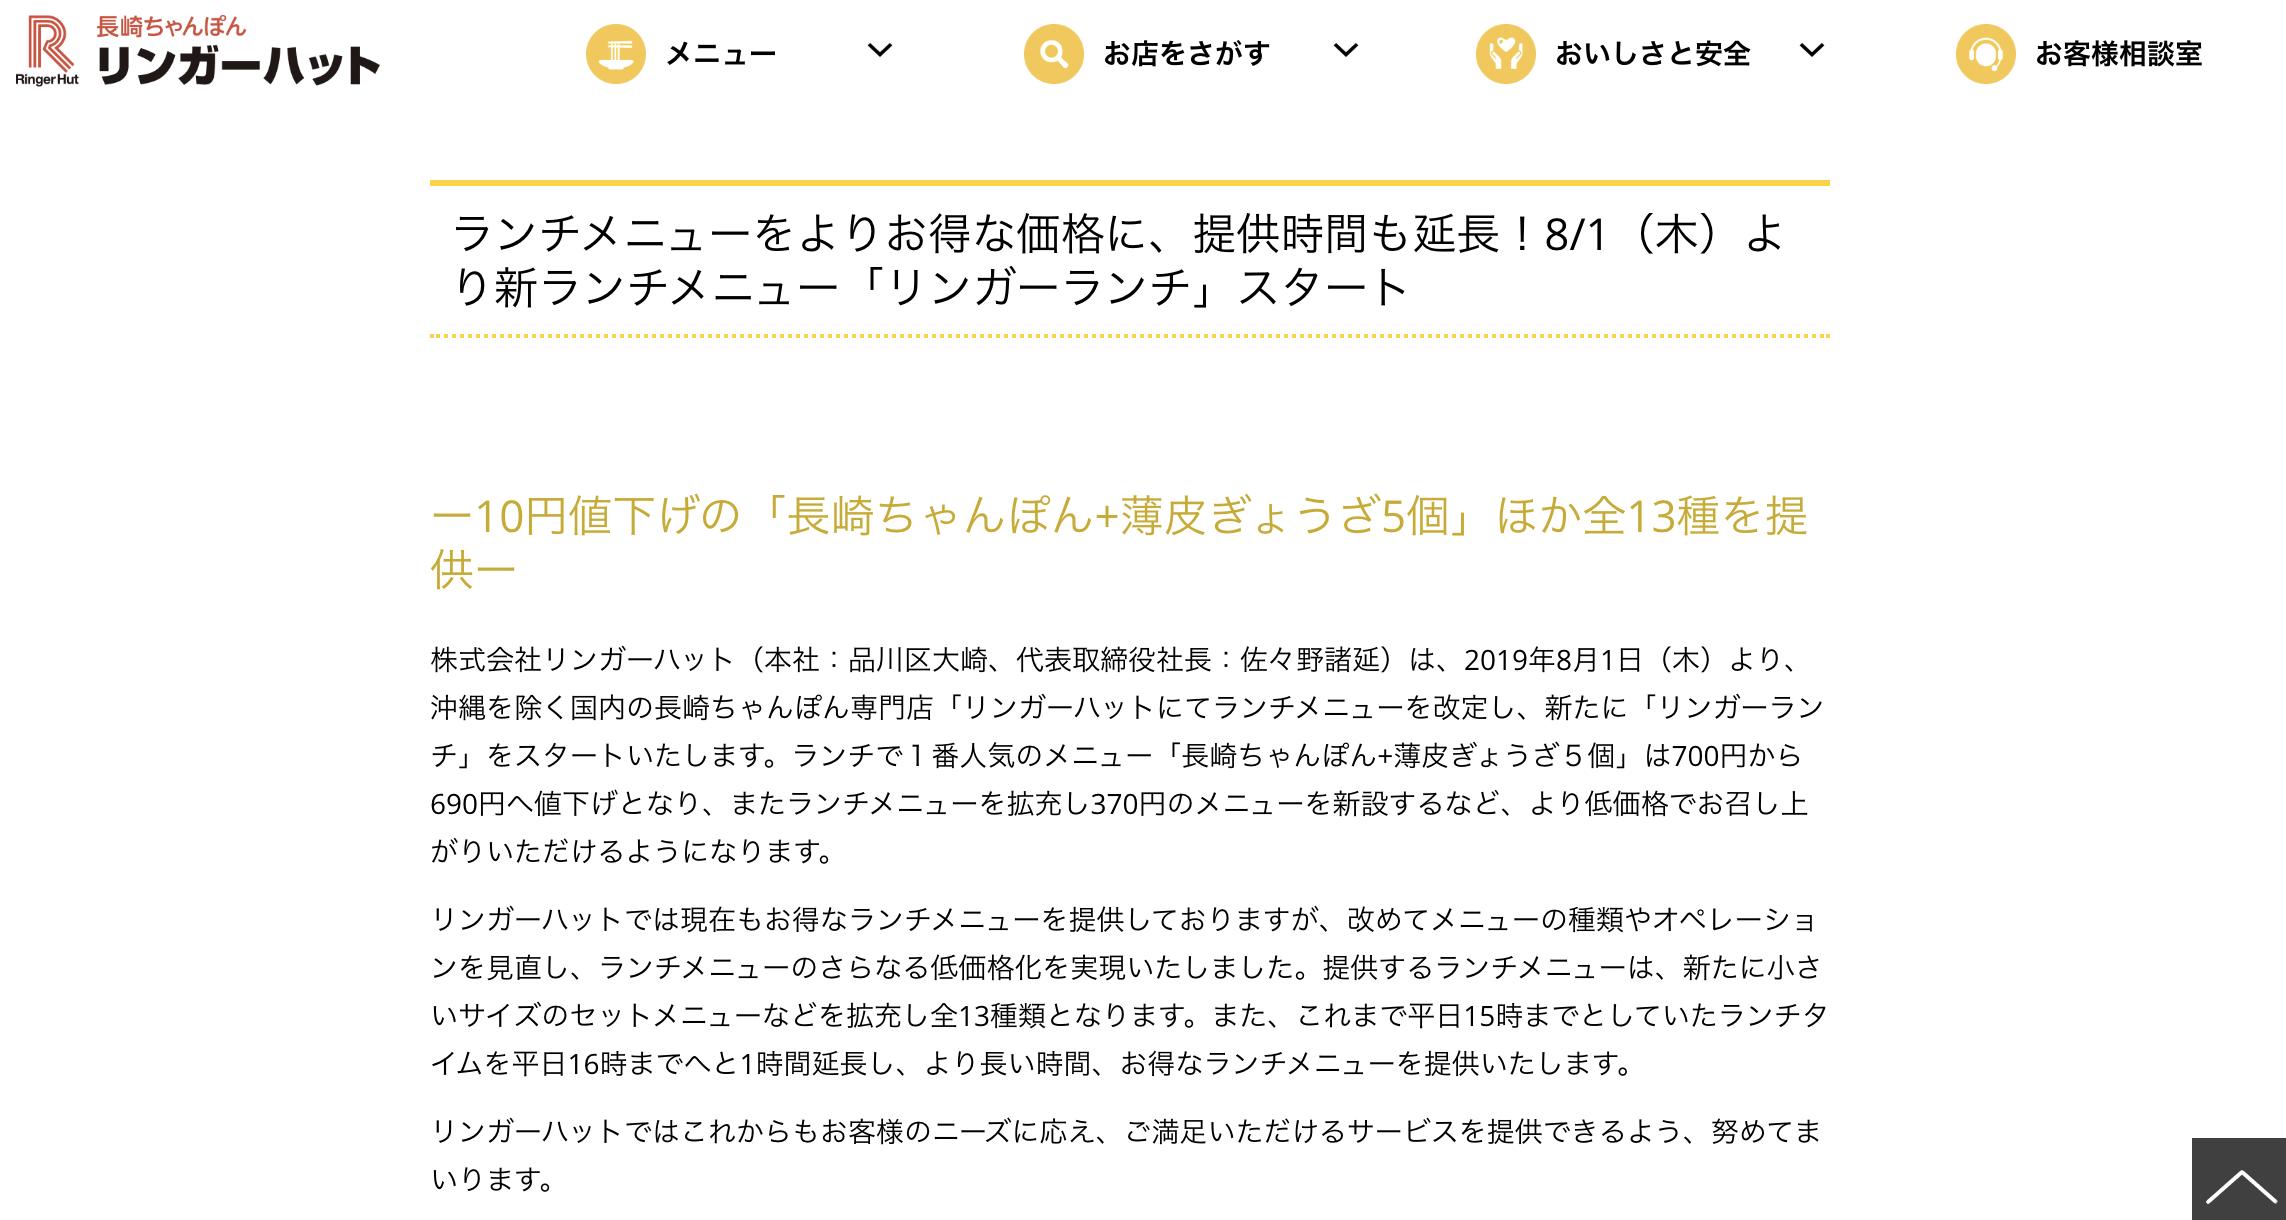 スクリーンショット 2019-10-10 12.43.55.png